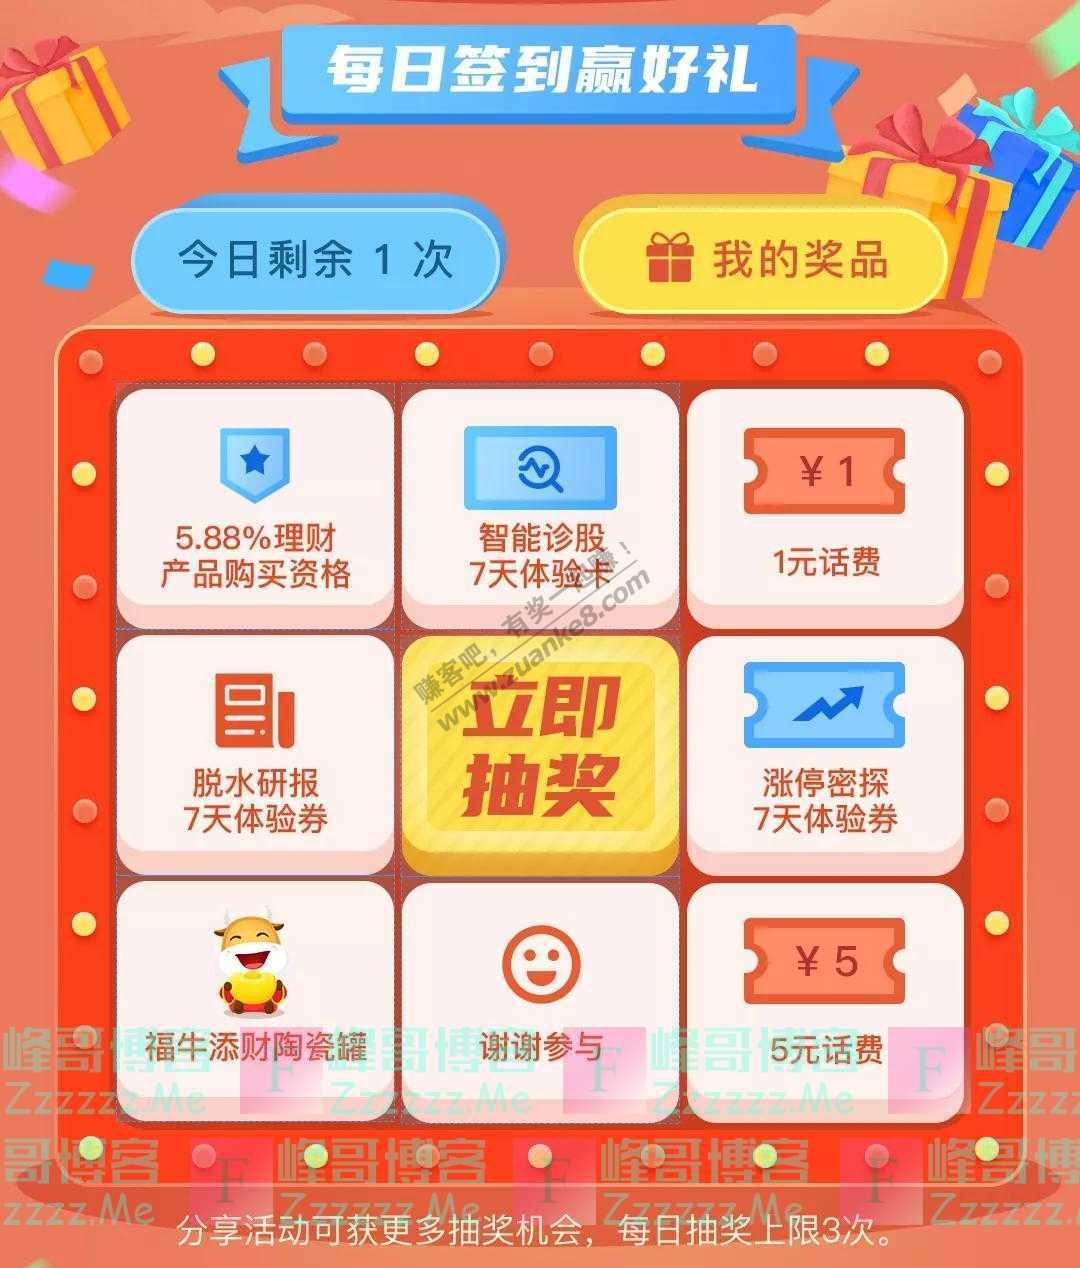 华福证券818理财节丨有奖答题加码送礼(截止8月23日)